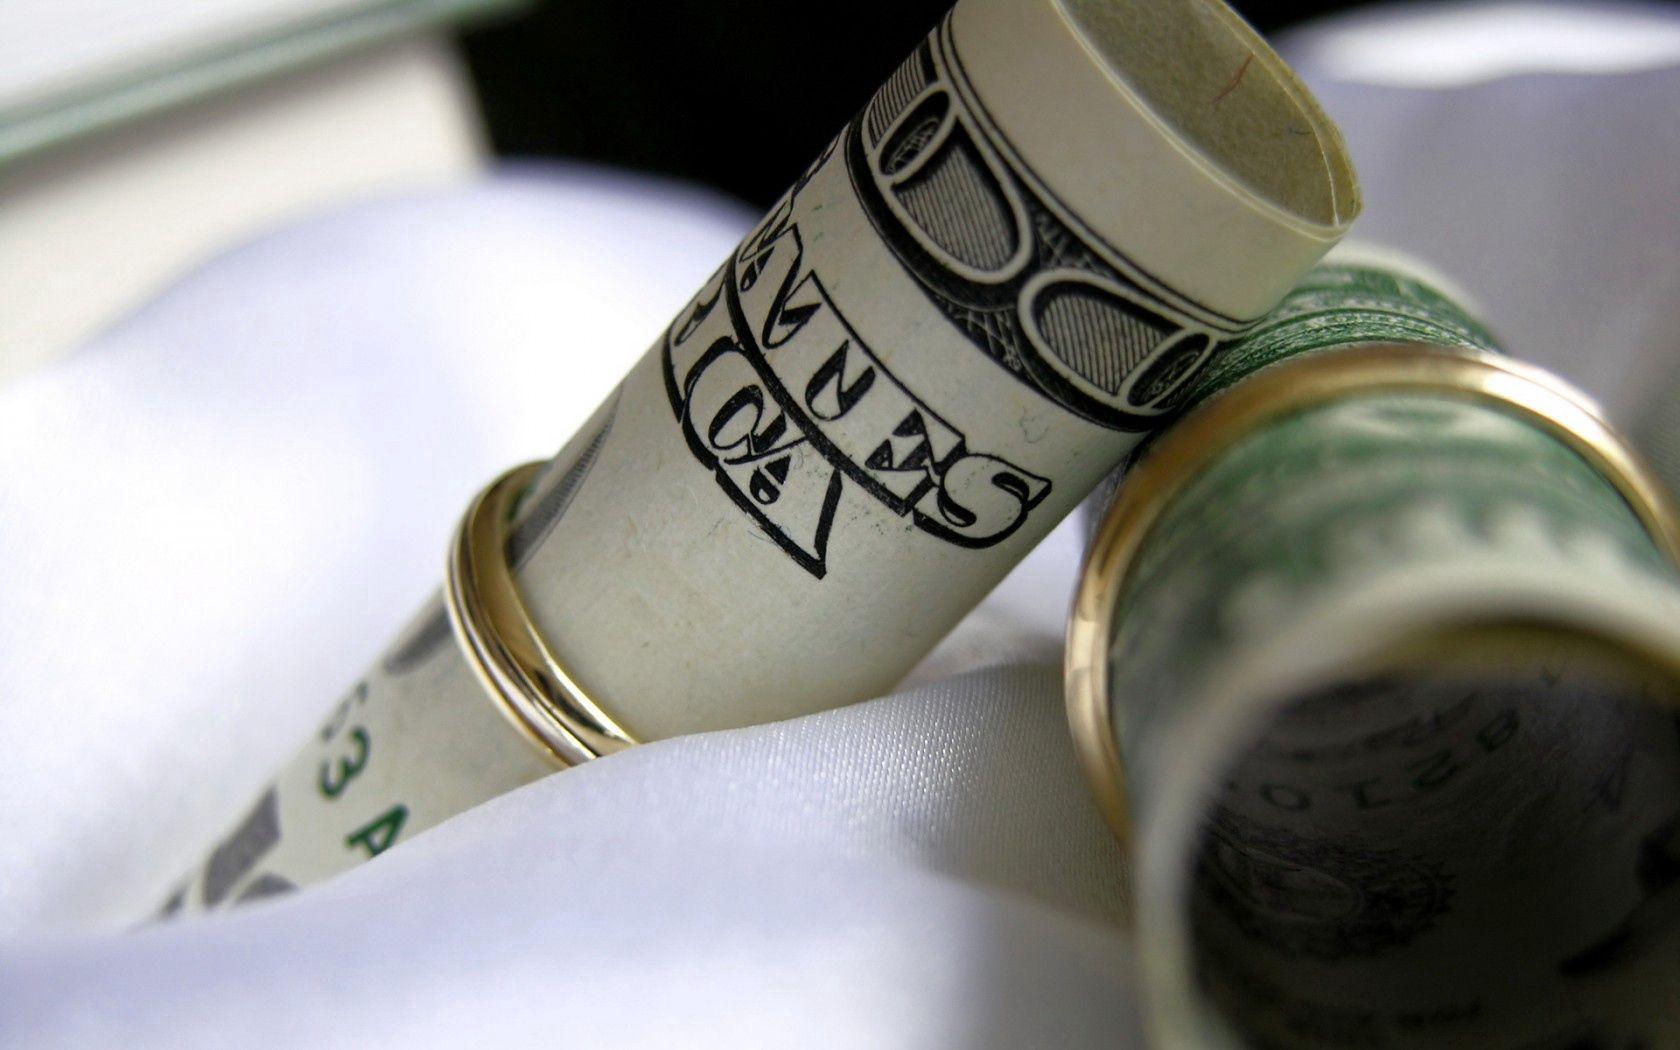 74844 Заставки и Обои Деньги на телефон. Скачать Деньги, Кольца, Макро, Разное, Доллары картинки бесплатно